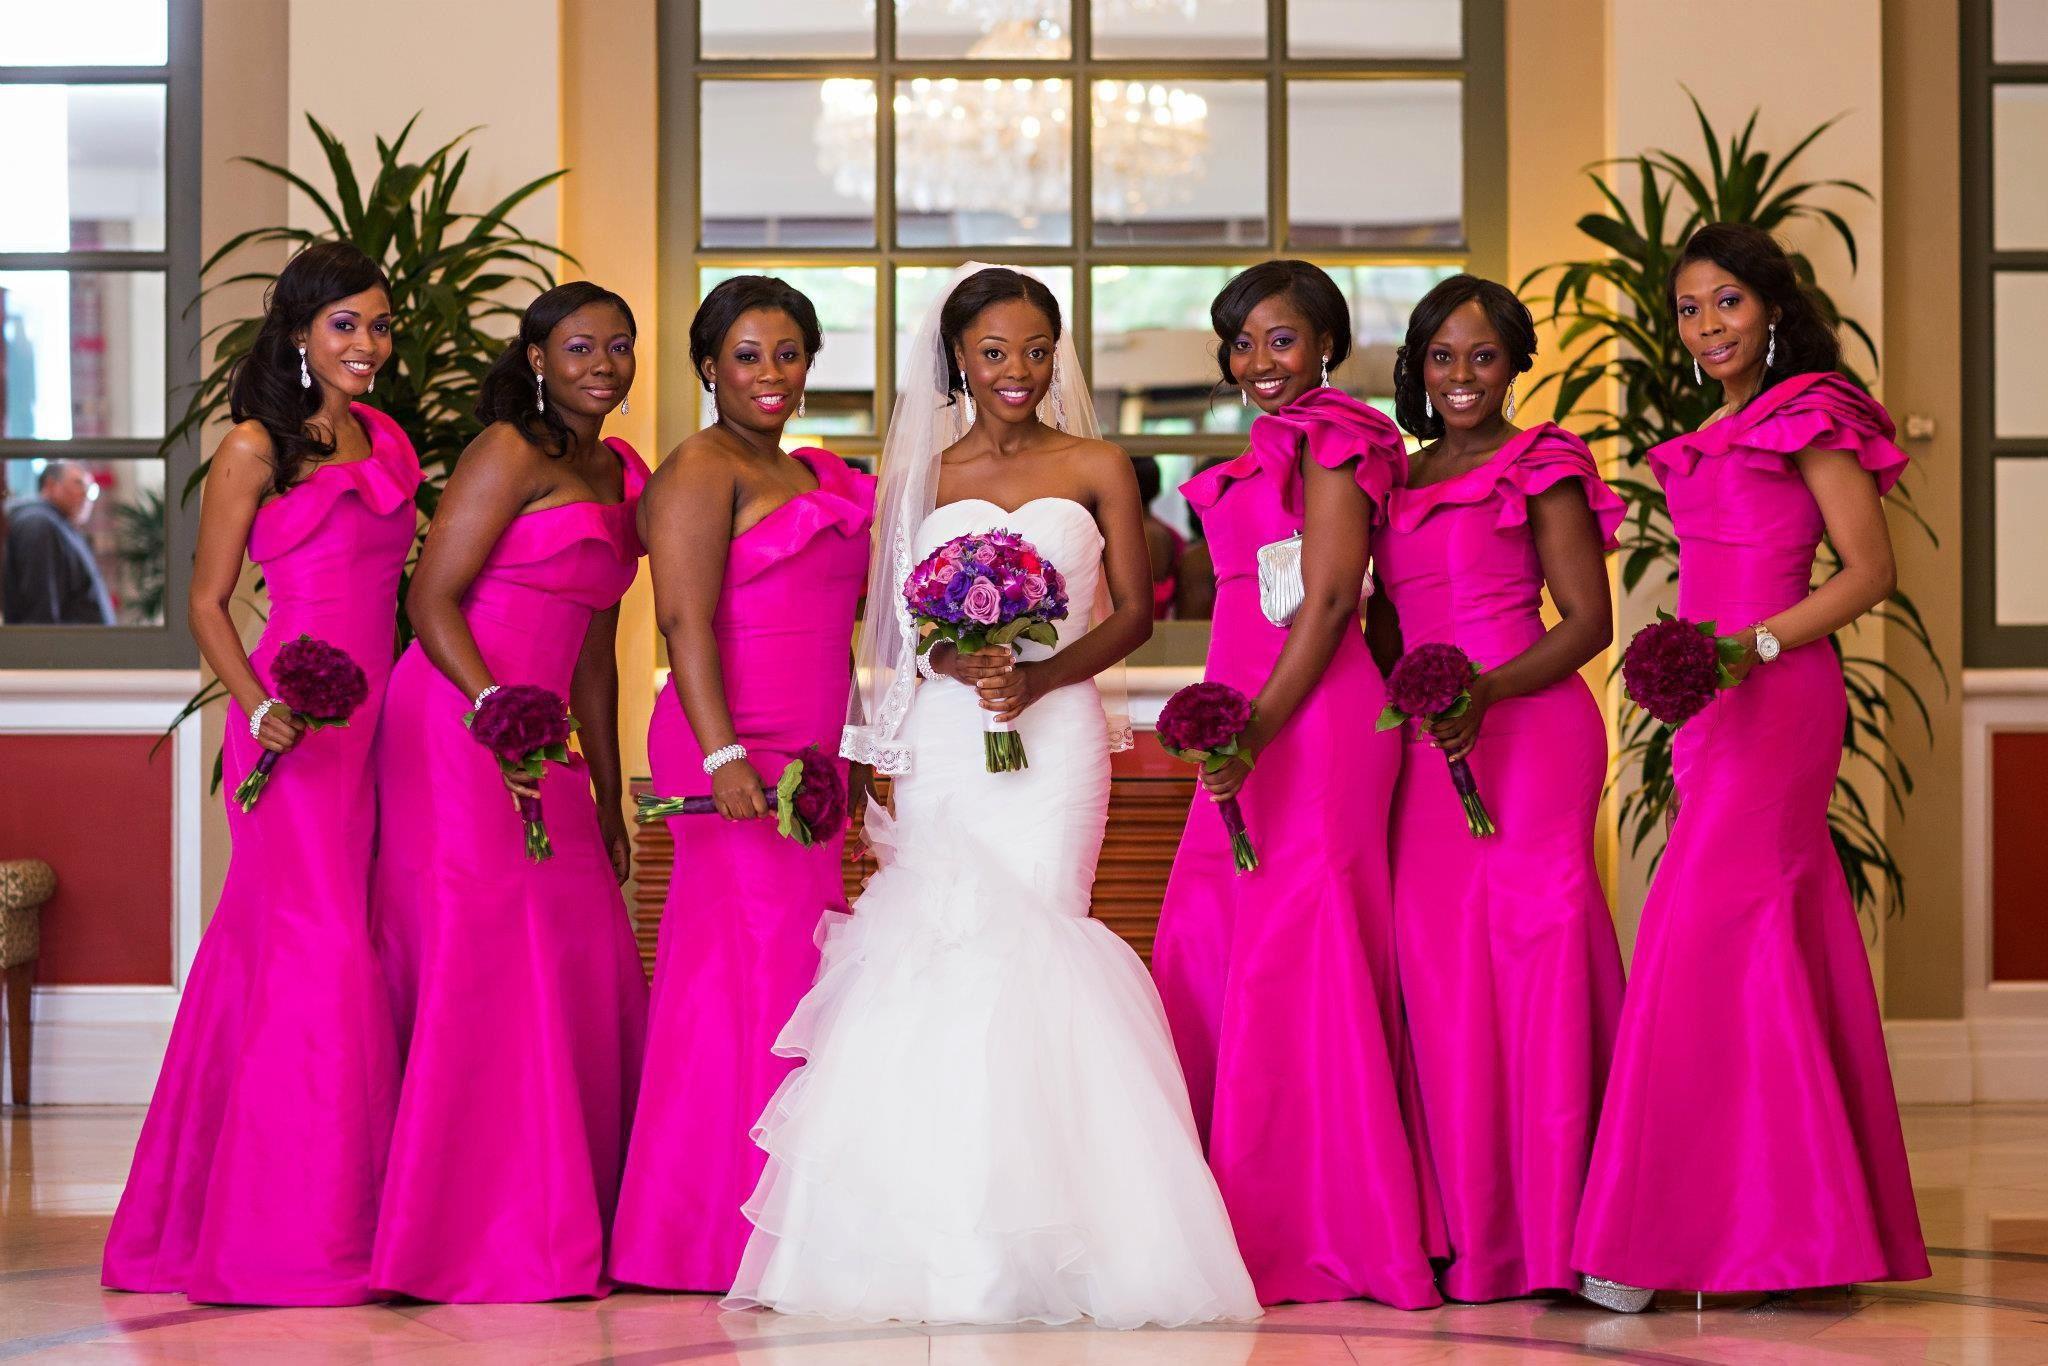 Divas in pink | Wedding ideas | Pinterest